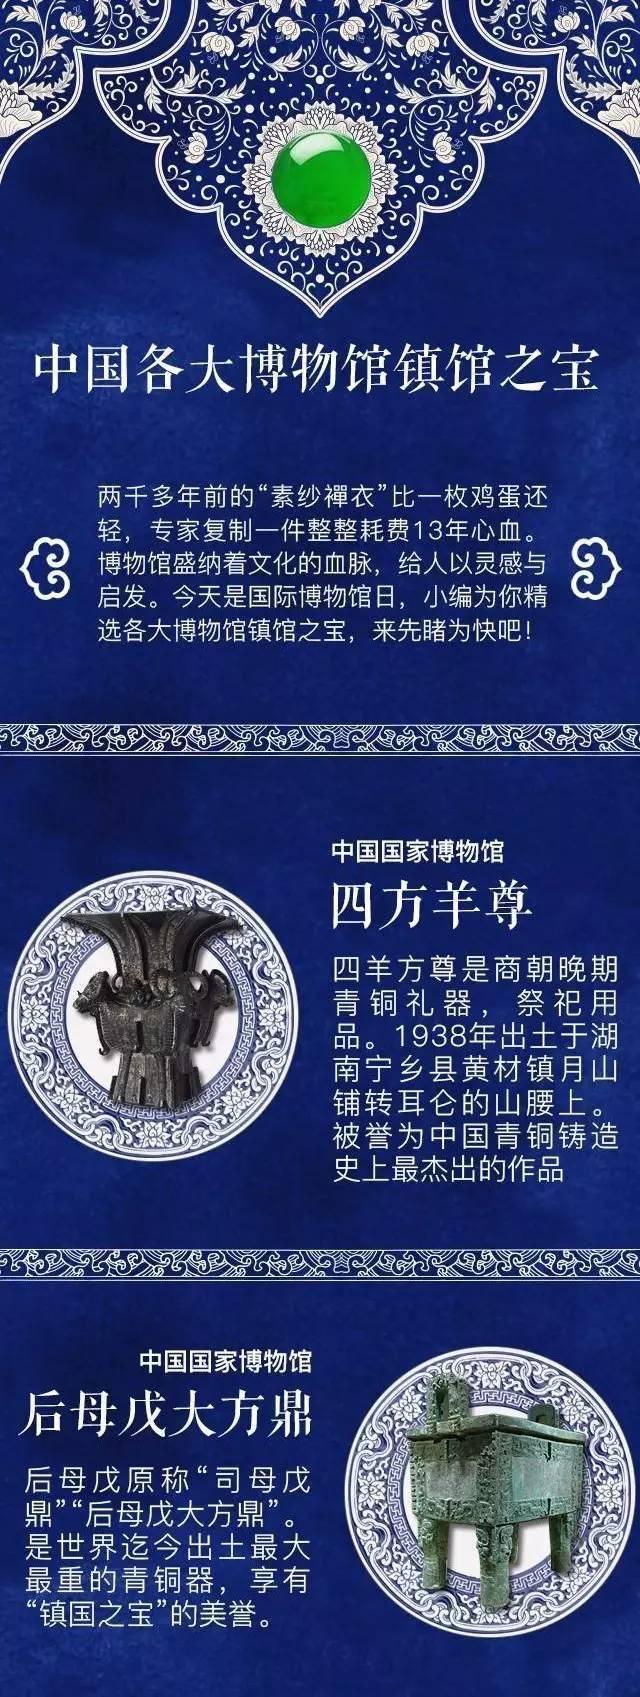 中国各大博物馆镇馆之宝,件件价值连城!